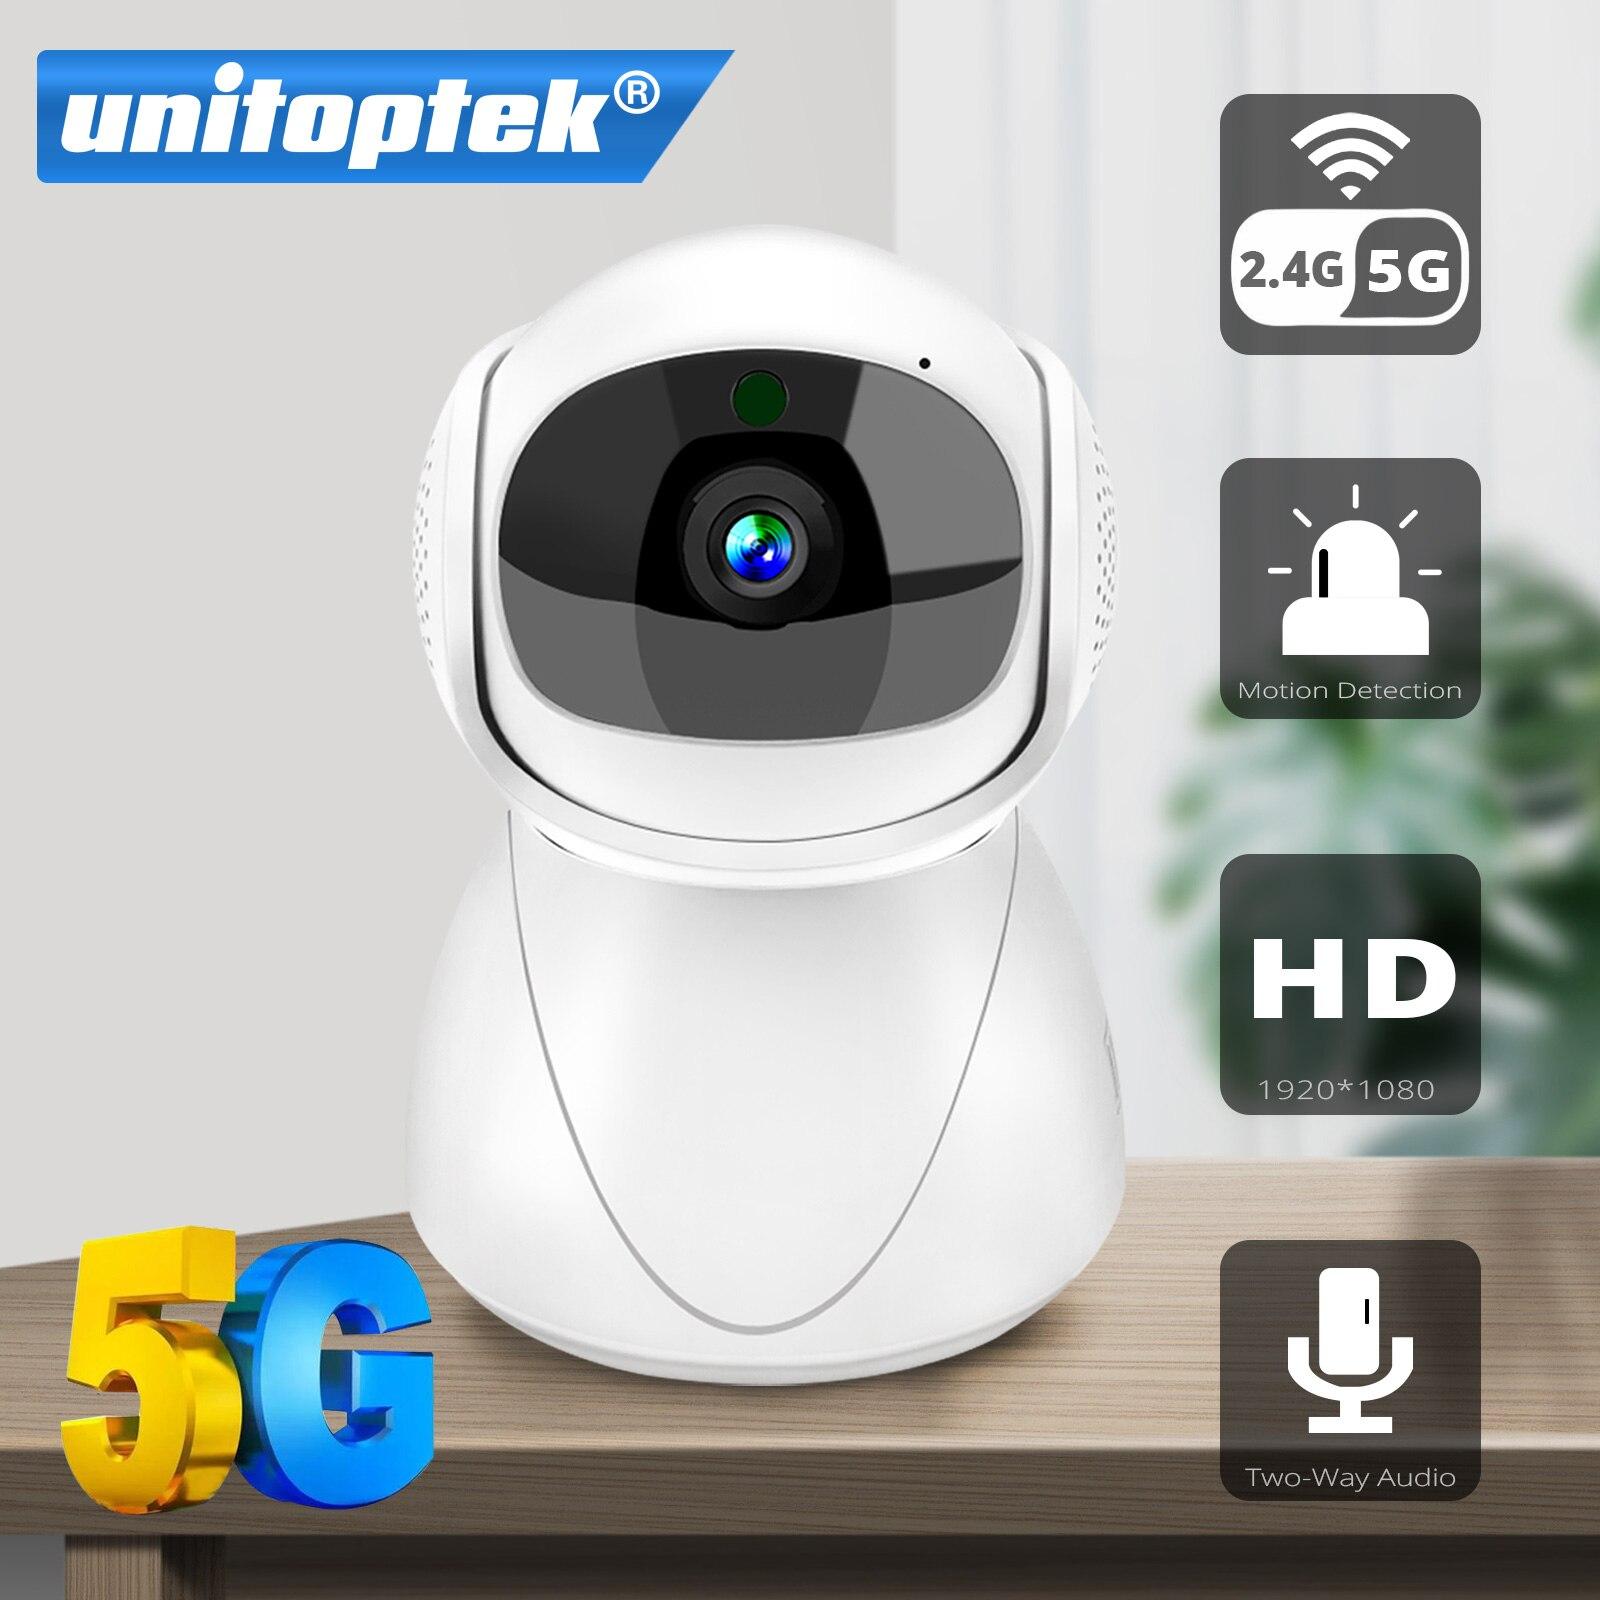 Wifi ip câmera 1080p hd câmera de segurança em casa vigilância cctv rede ptz sem fio 2.4g/5g câmera áudio em dois sentidos inteligente monitor do bebê